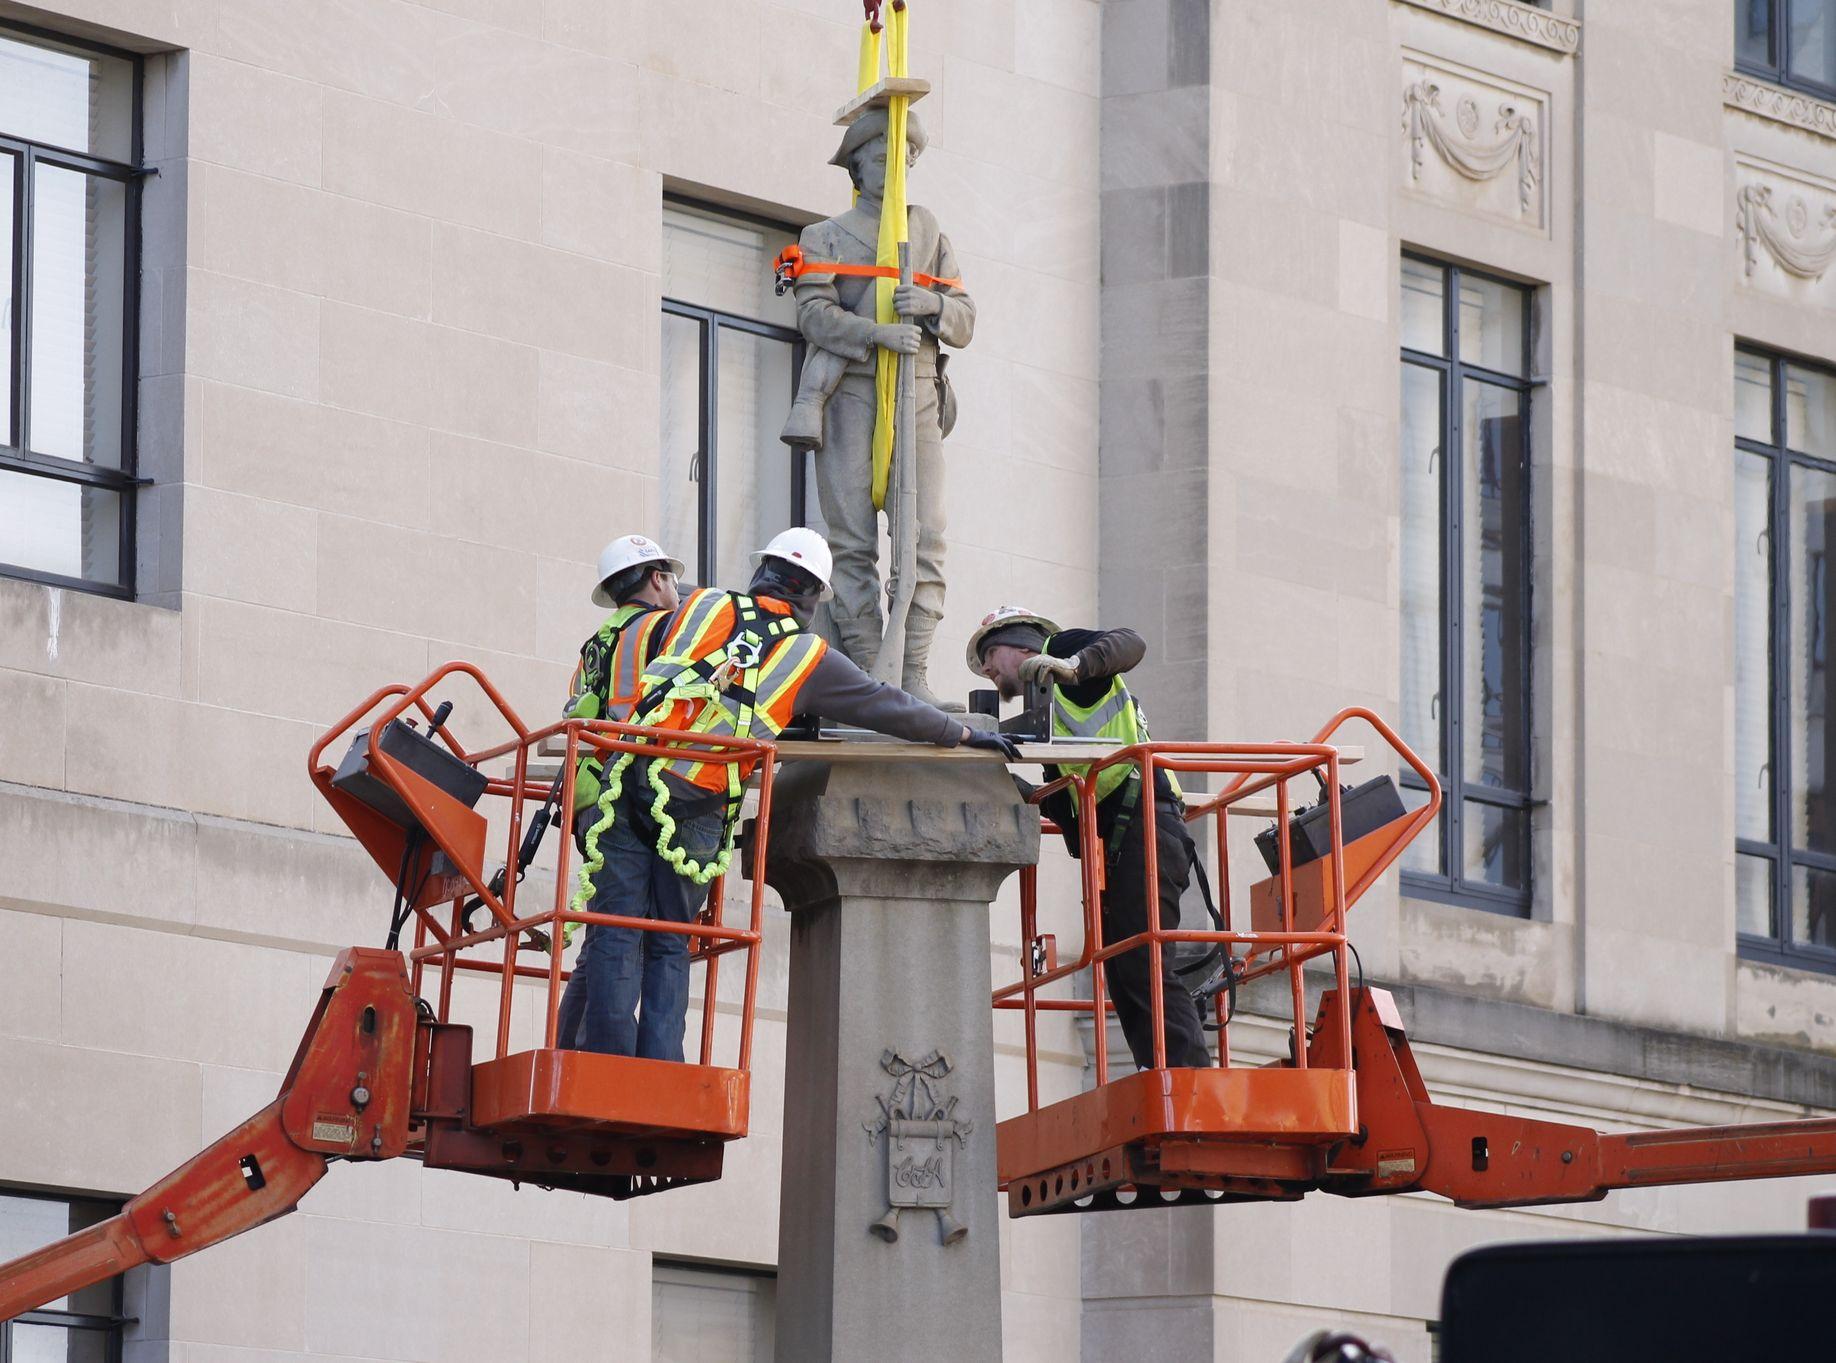 塞勒姆镇一座旧法院大楼,昨日拆除一座邦联士兵雕像。